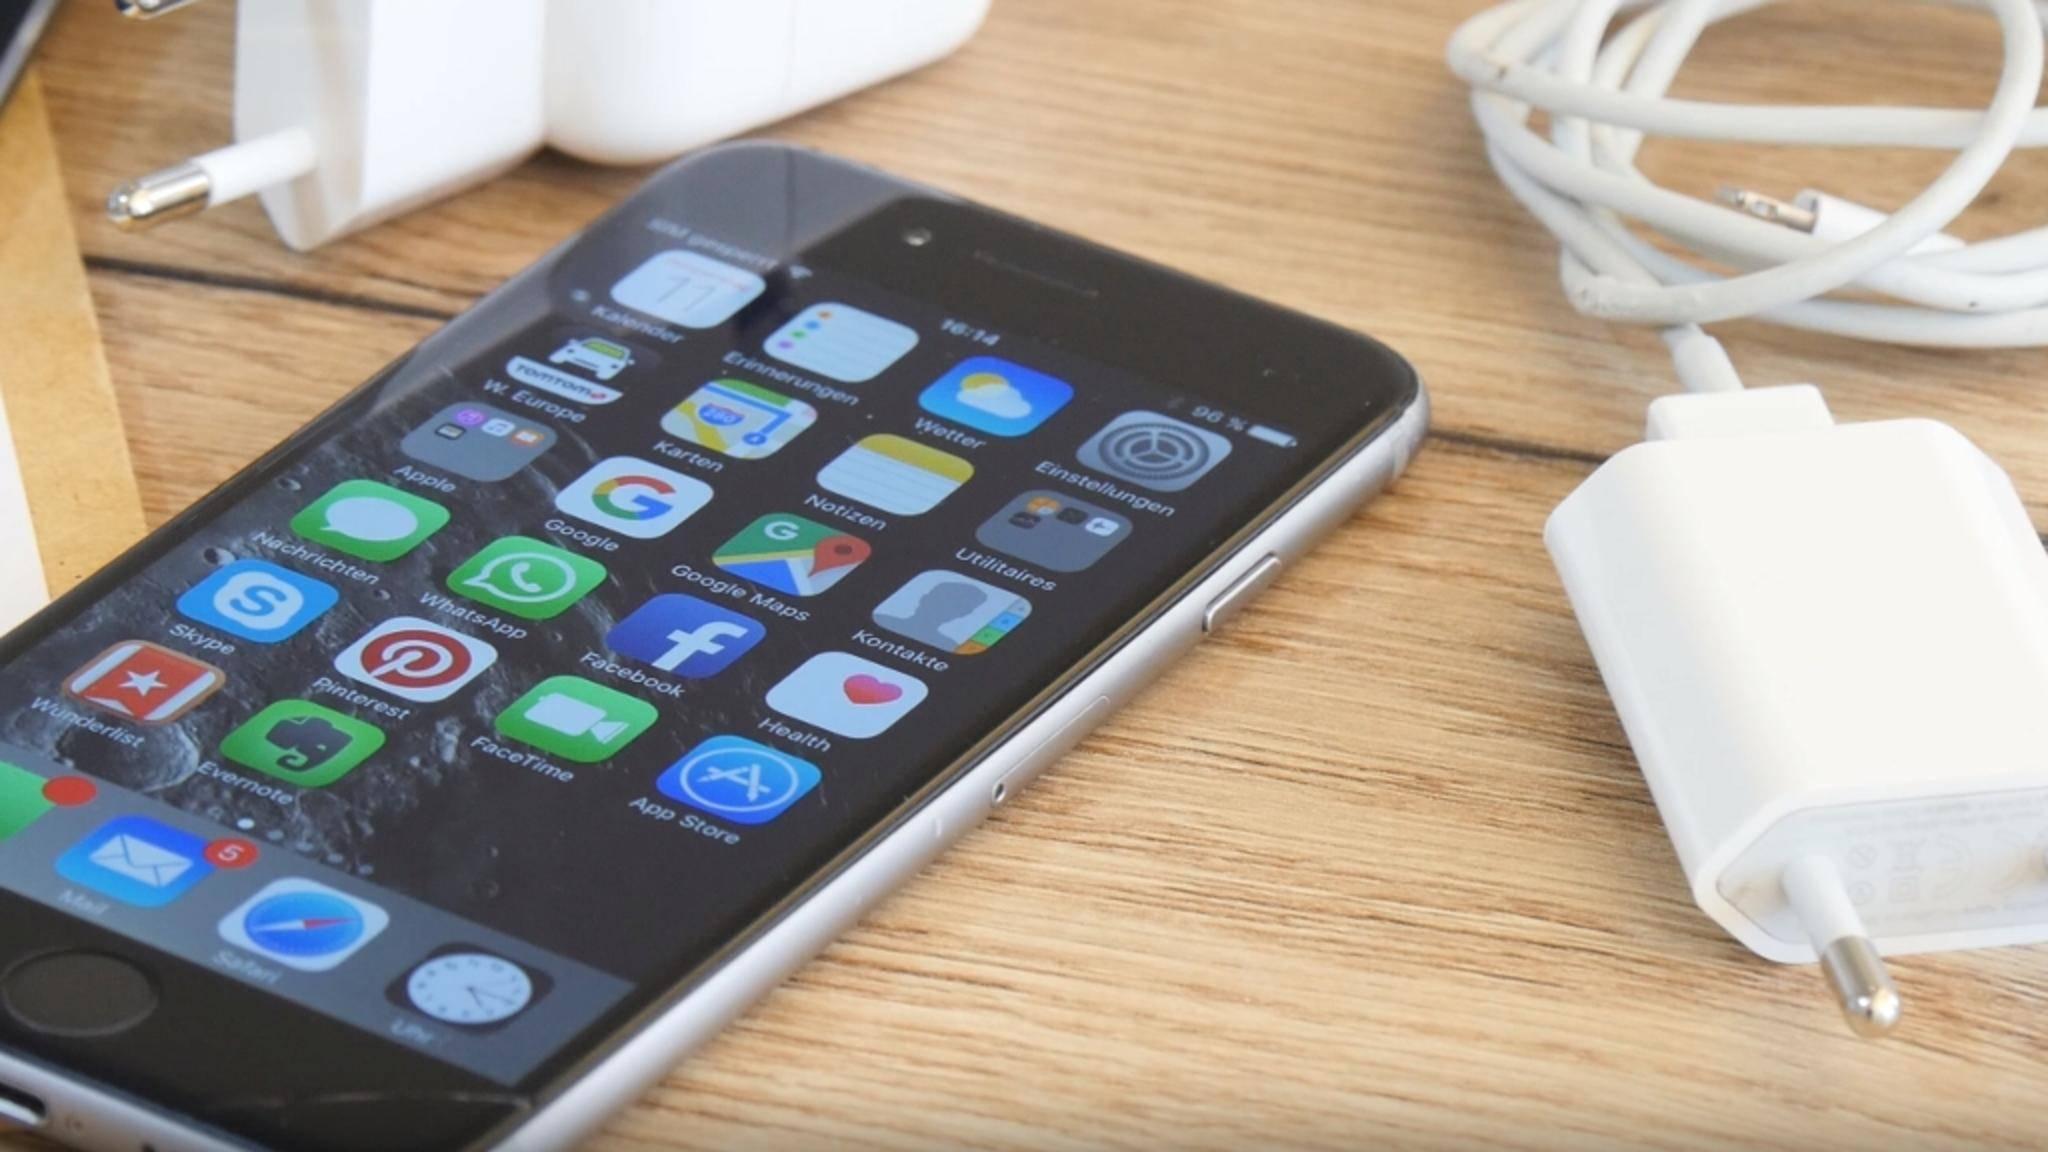 iPhone-Speicher voll? 5 einfache Tipps um Platz zu sparen